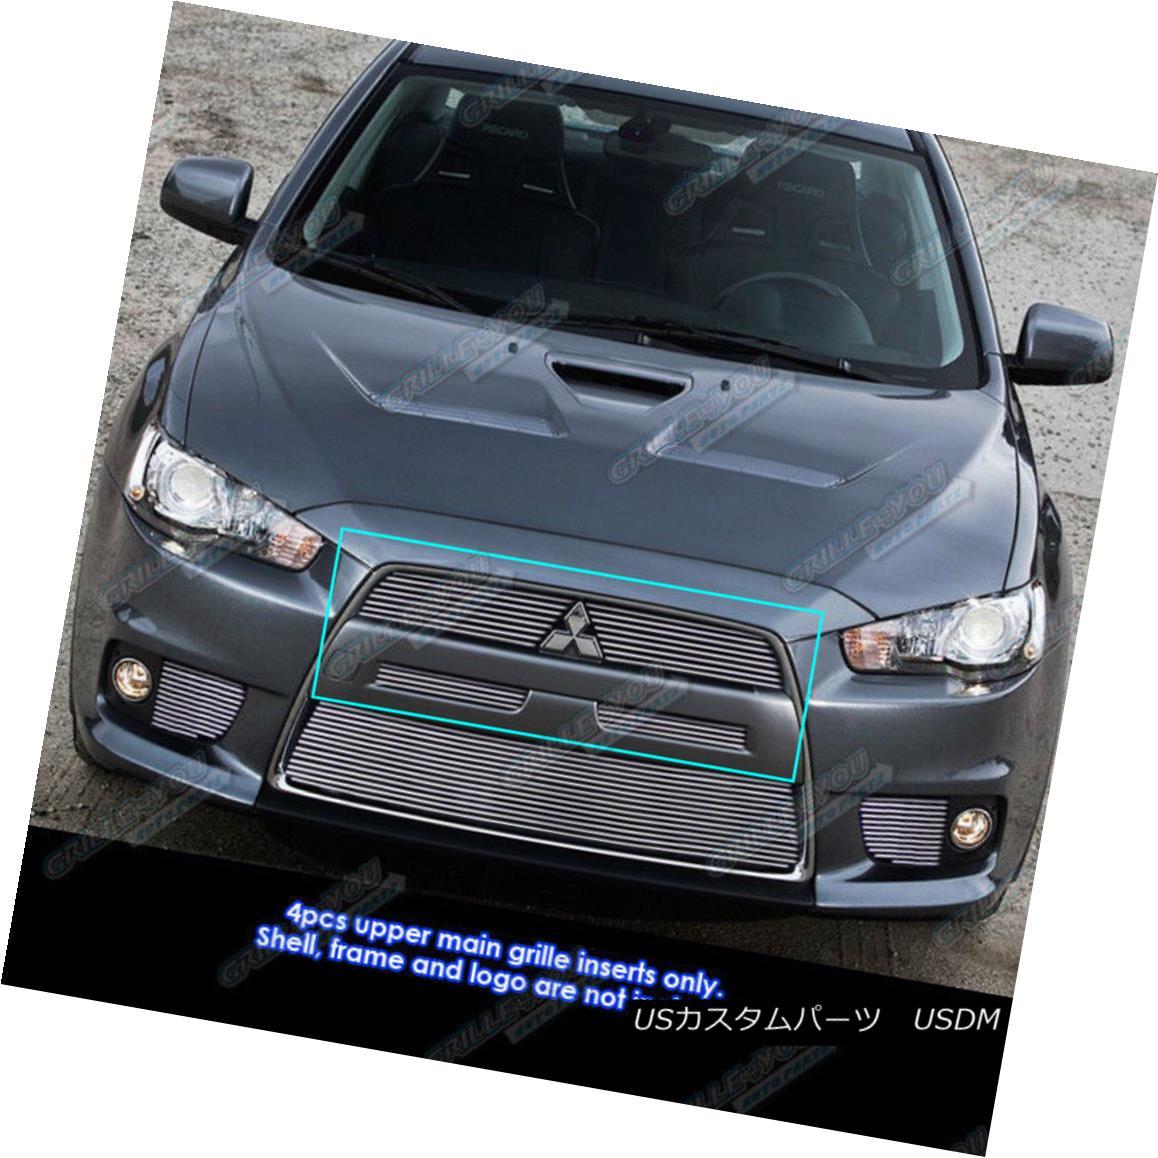 グリル Fits 2008-2015 Mitsubishi Lancer Evolution Billet Grille Insert フィット2008-2015三菱ランサーエボリューションビレットグリルインサート